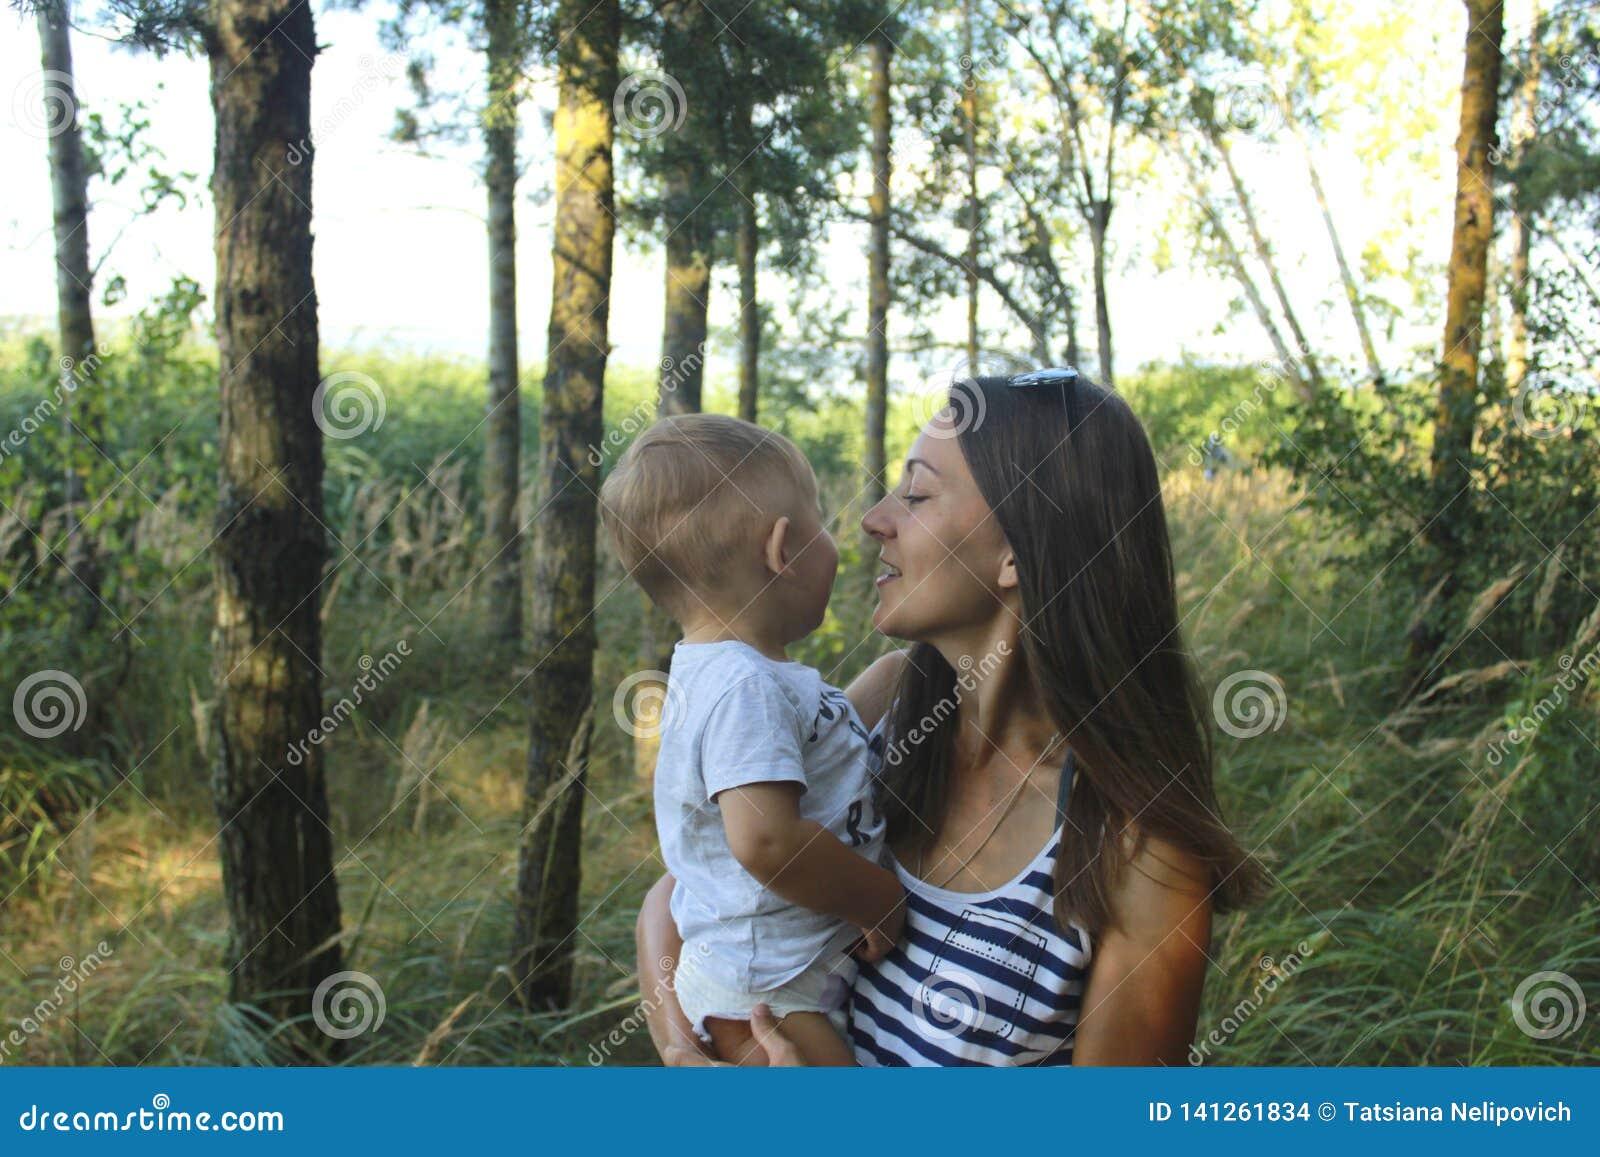 De het de dagmamma en zoon van de gelukkige moeder in een pijnboom bosmamma en de zoon glimlachen en koesteren Familie vakantie e